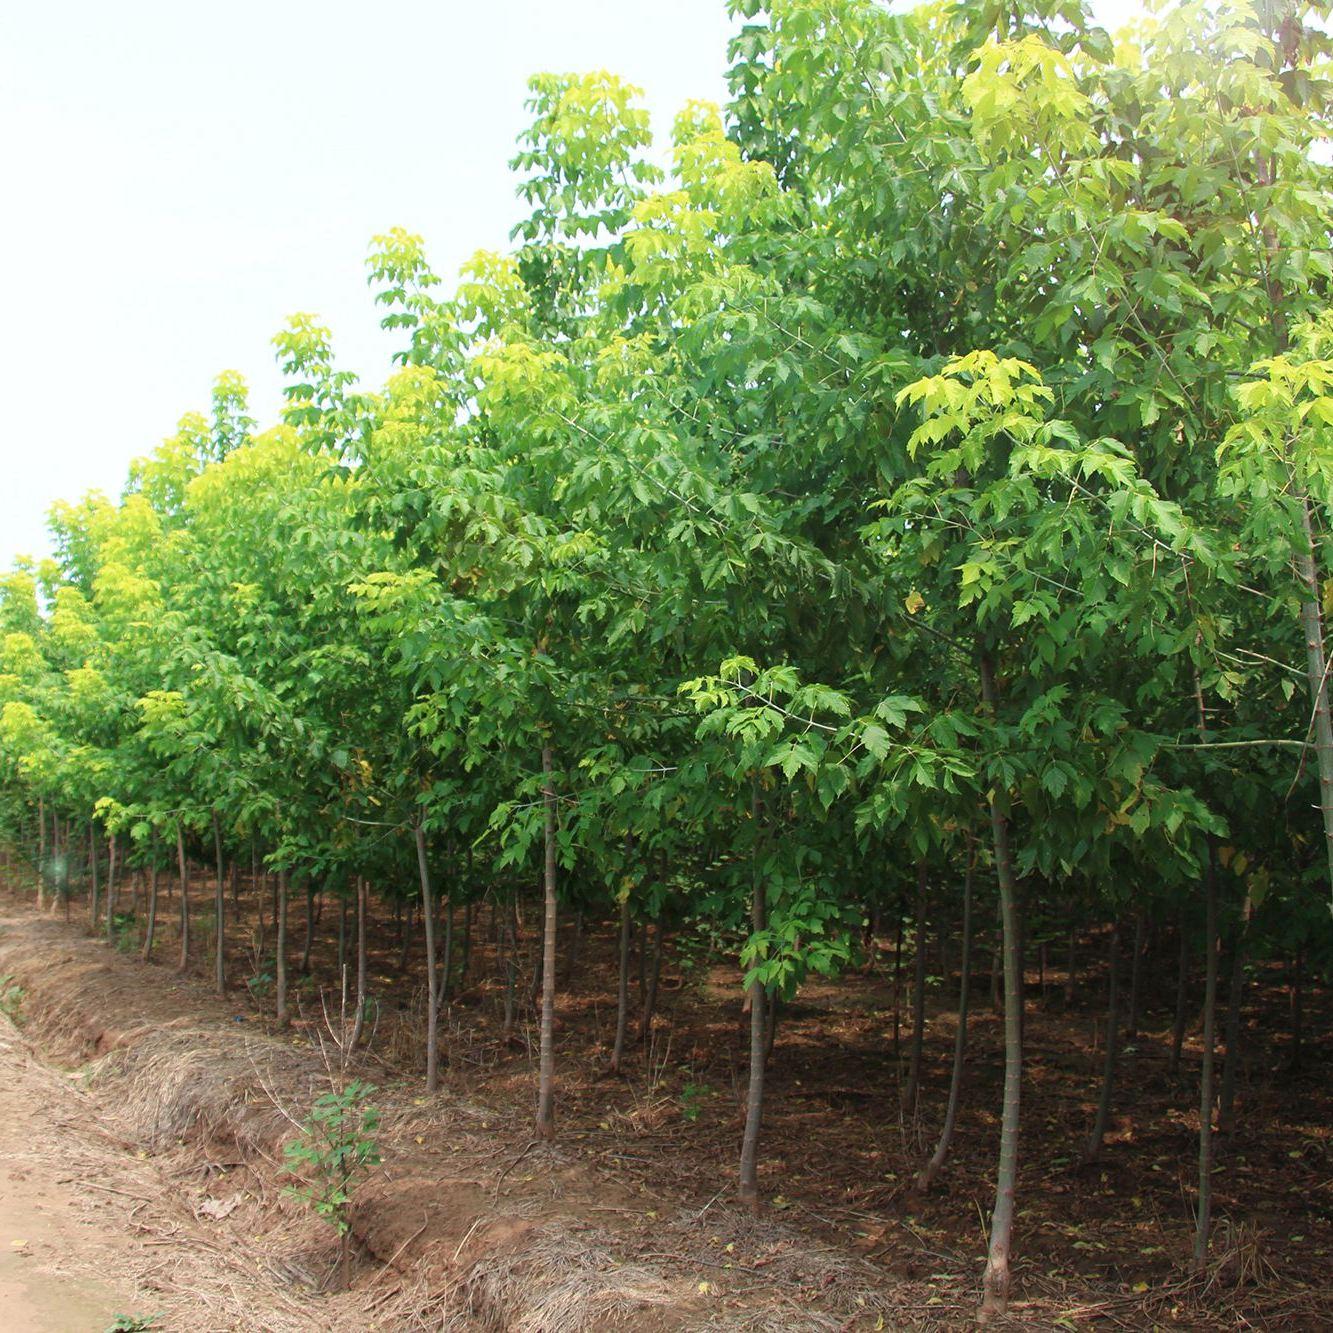 长期供应大小规格金叶复叶槭 基地长期出售优质复叶槭 3-15公分